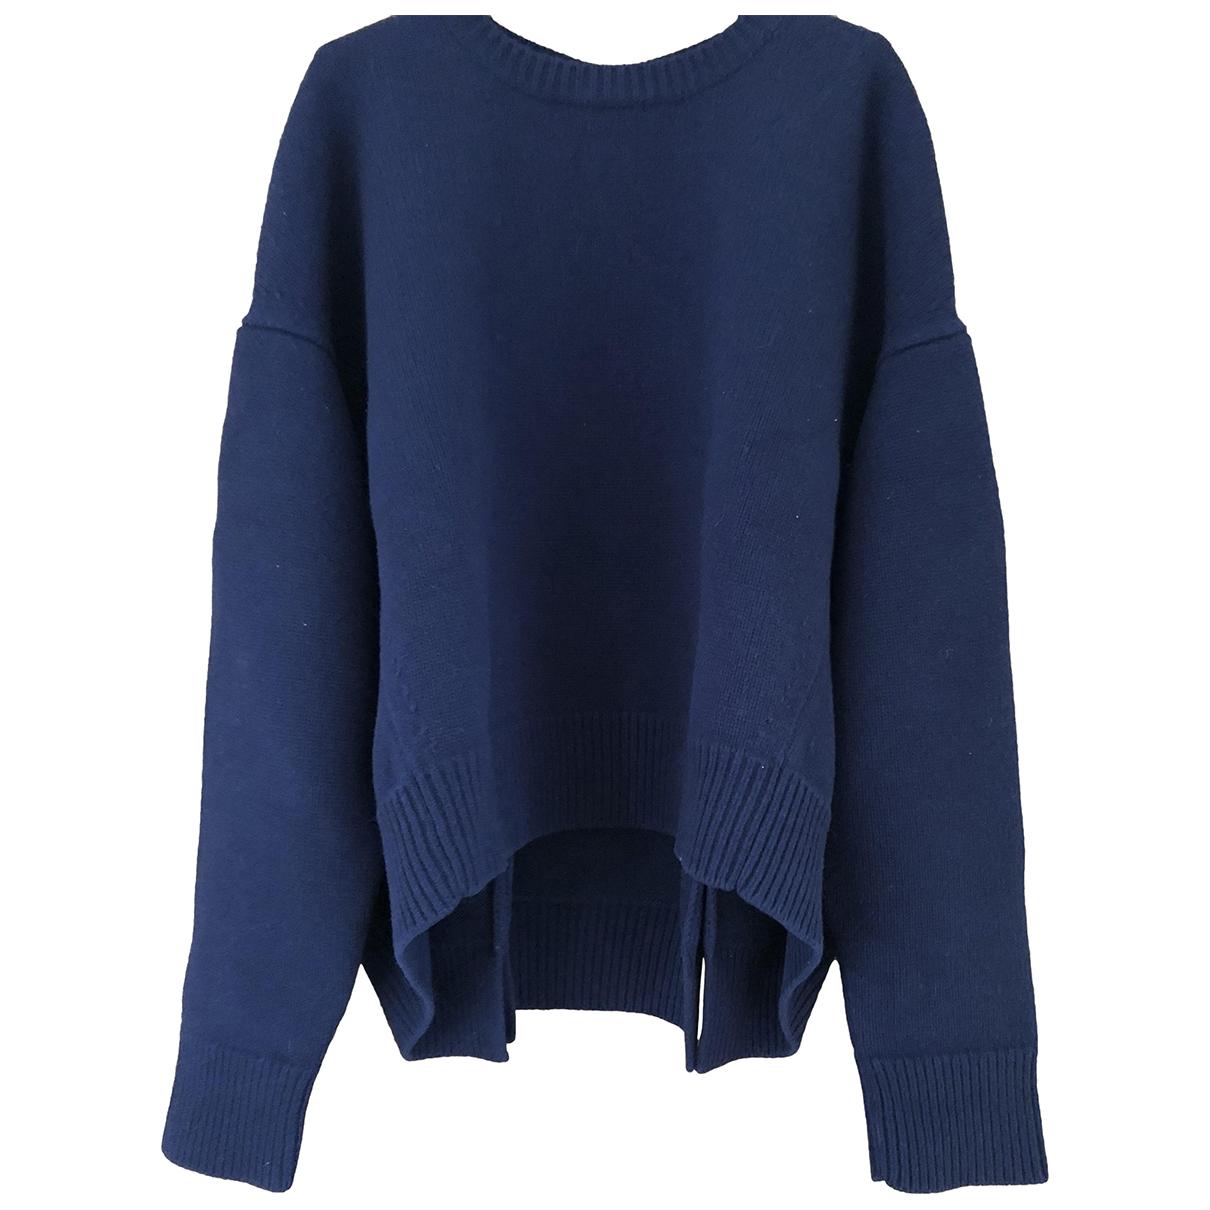 Celine \N Pullover in  Blau Wolle